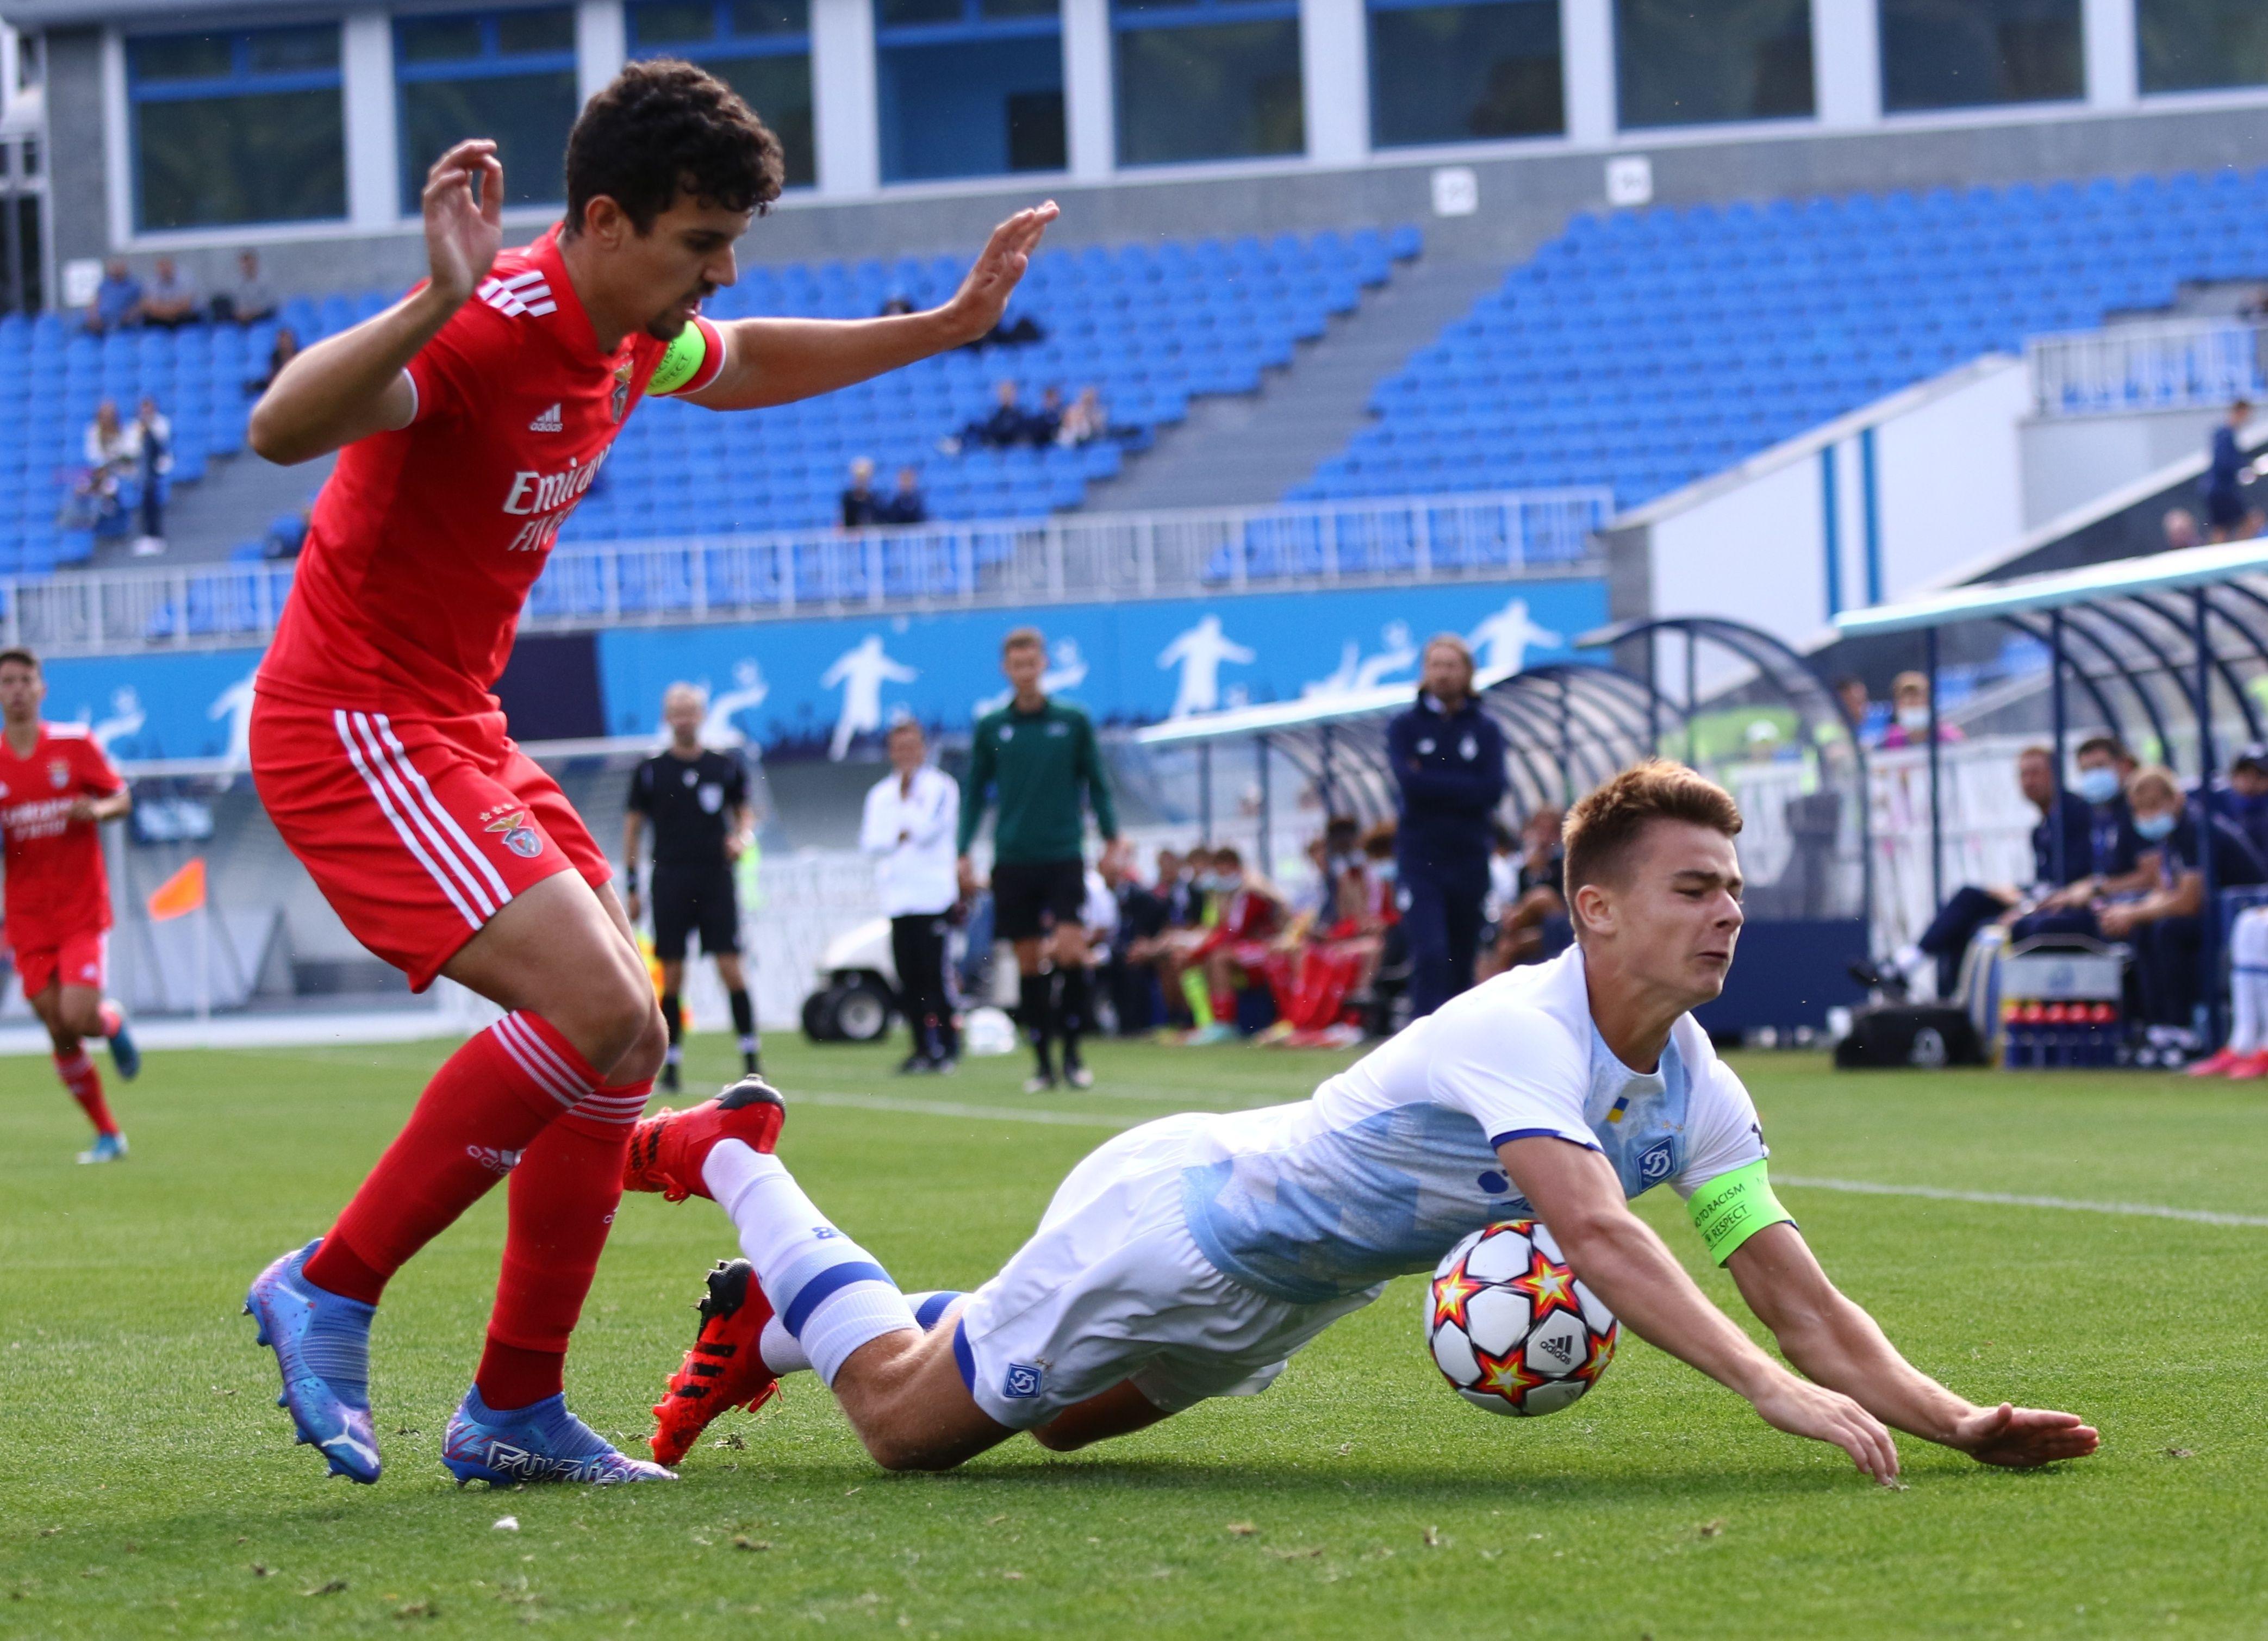 Отличный старт! ФОТО репортаж с матча Юношеской лиги УЕФА Динамо - Бенфика 4:0 - фото 5